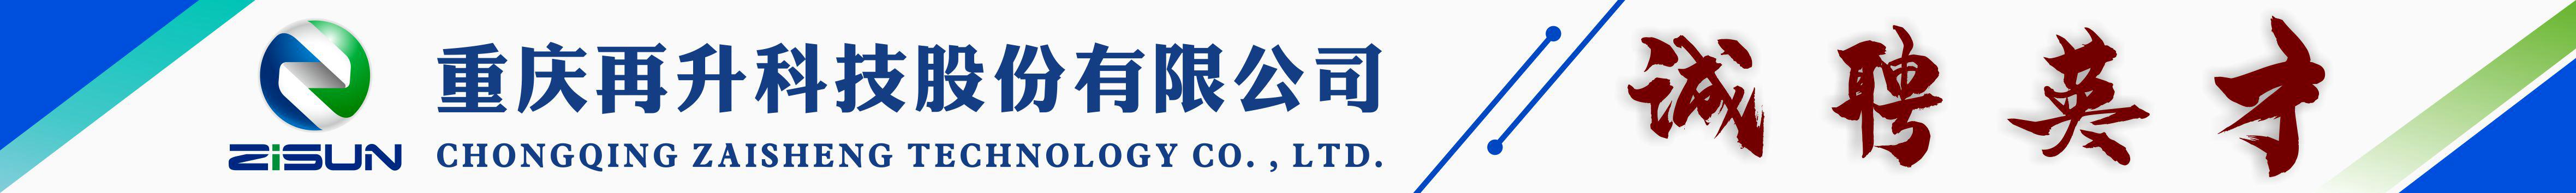 重庆再升科技股份有限公司